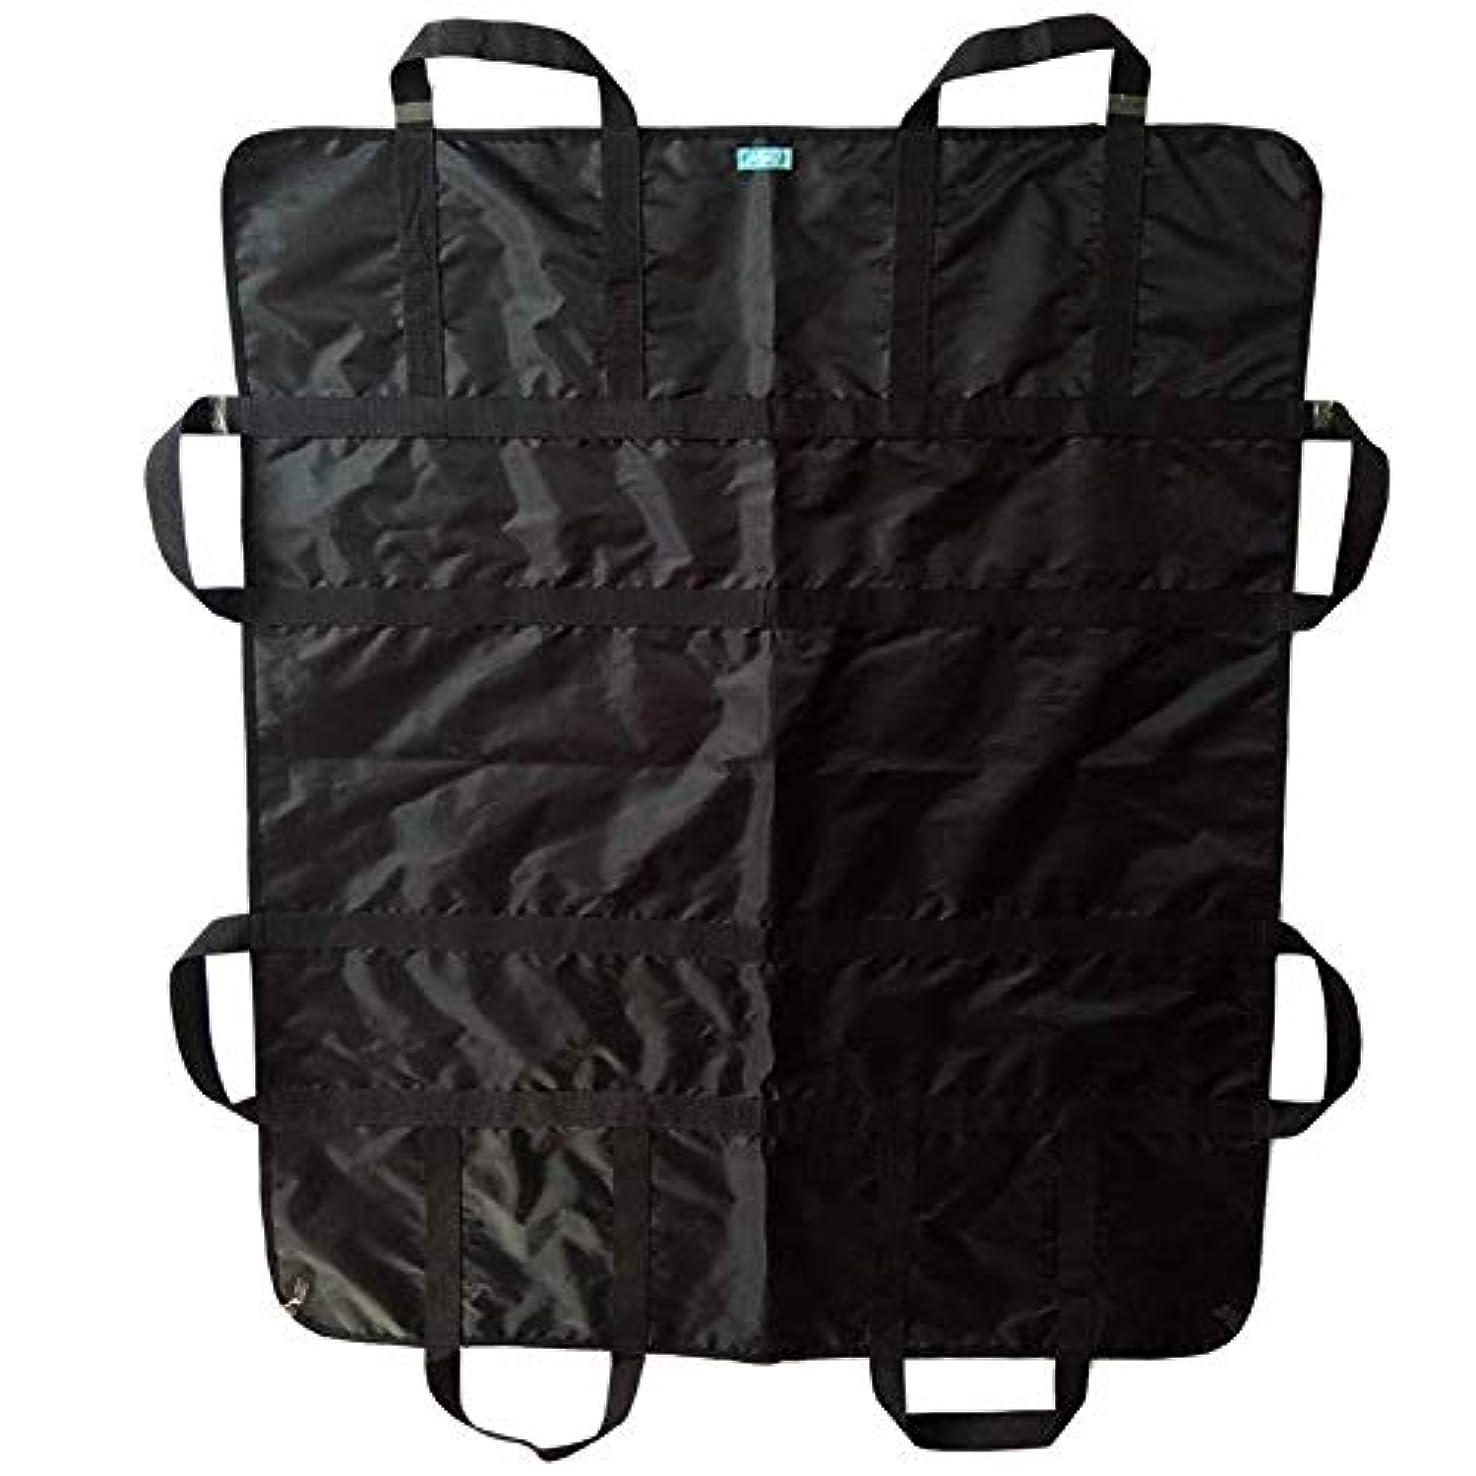 プレゼンテーション肉腫スタジオトランスファーボードスライドベルト-患者リフトベッド支援装置-患者輸送リフトスリング